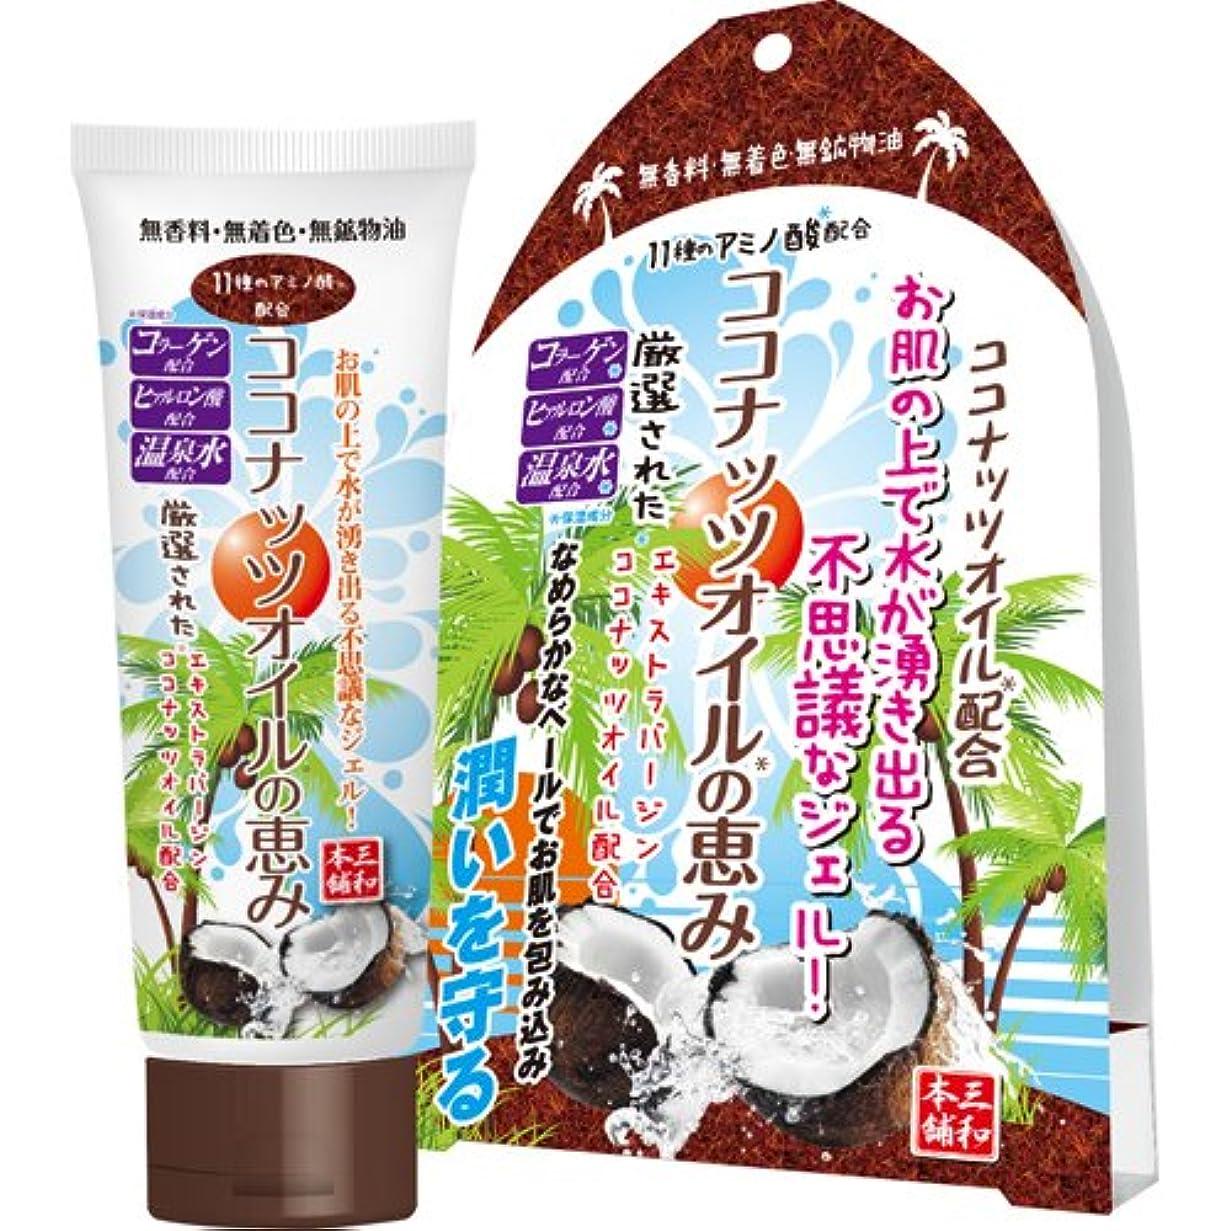 子猫ひばりショットオールインワンジェル ココナッツオイルの恵み(化粧品) 150g